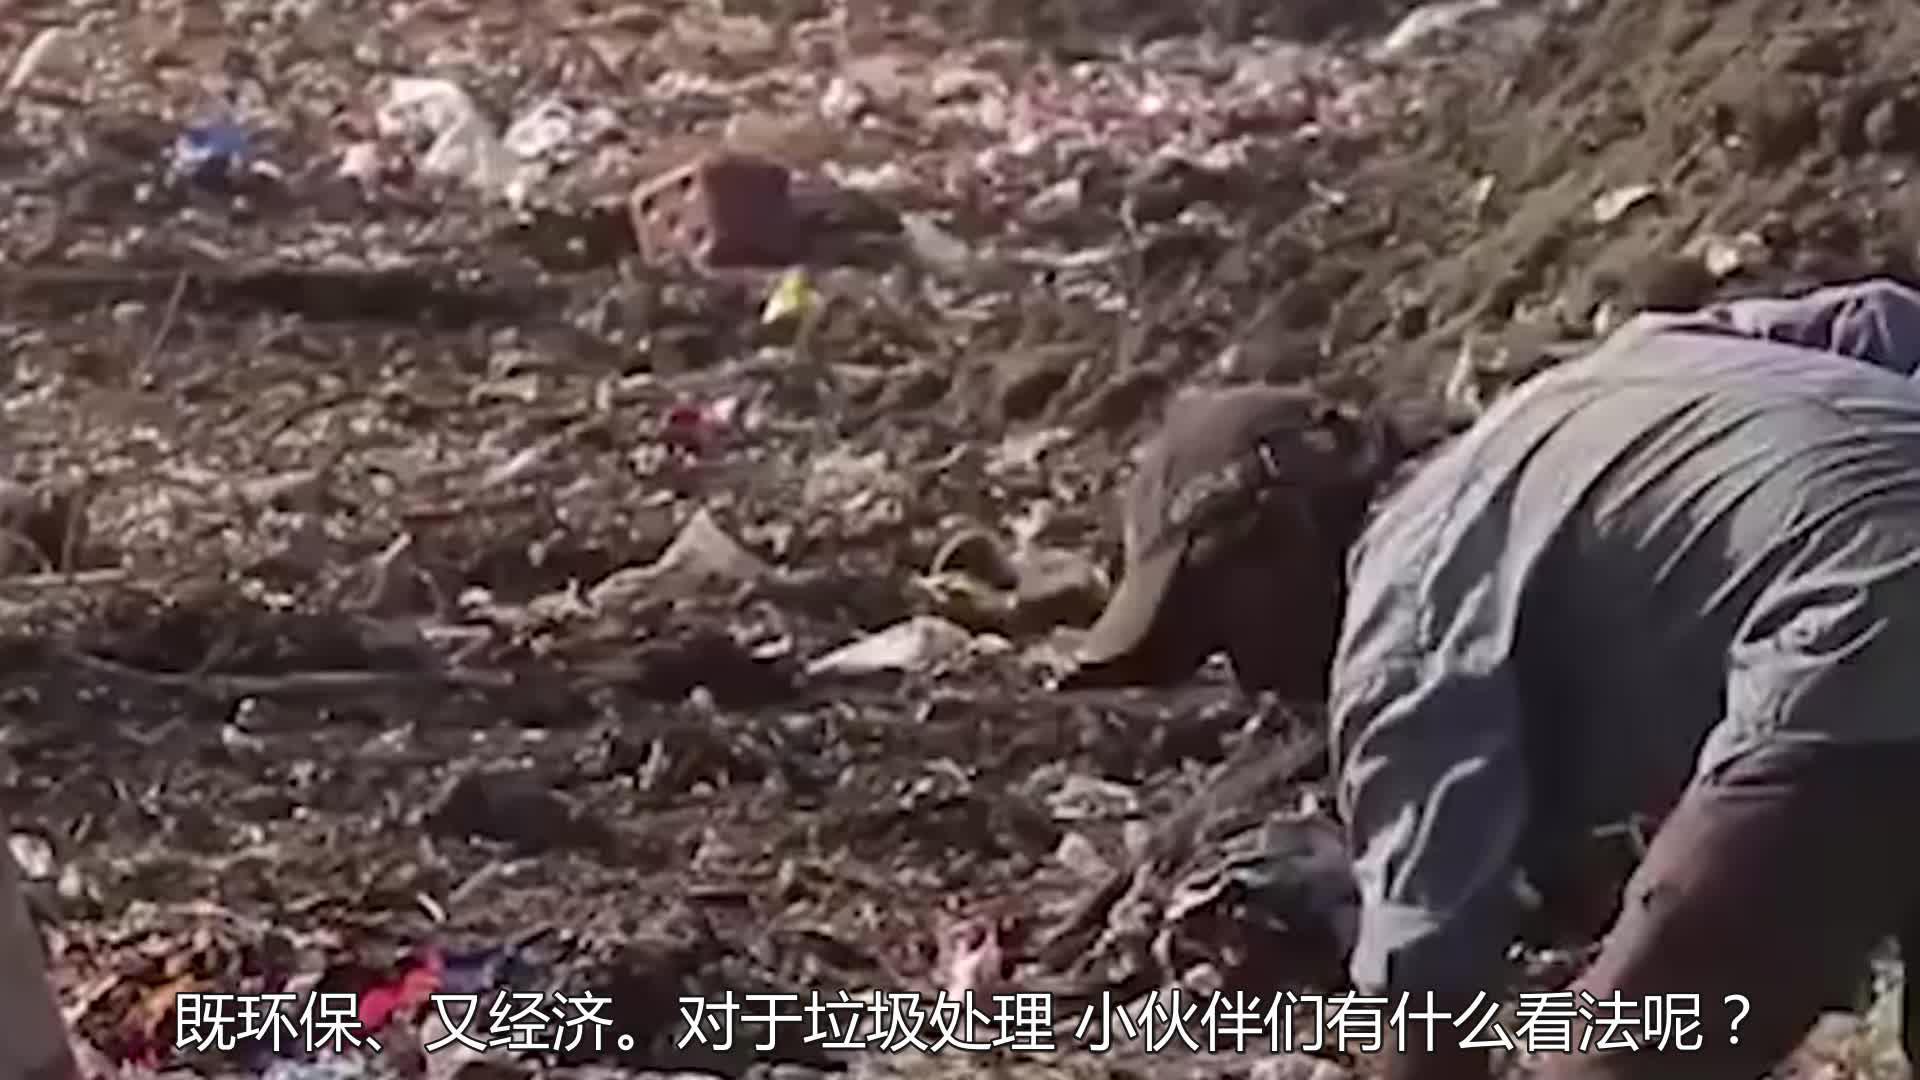 中国不再进口洋垃圾,美国垃圾堆积如山,把眼睛瞄向了泰国